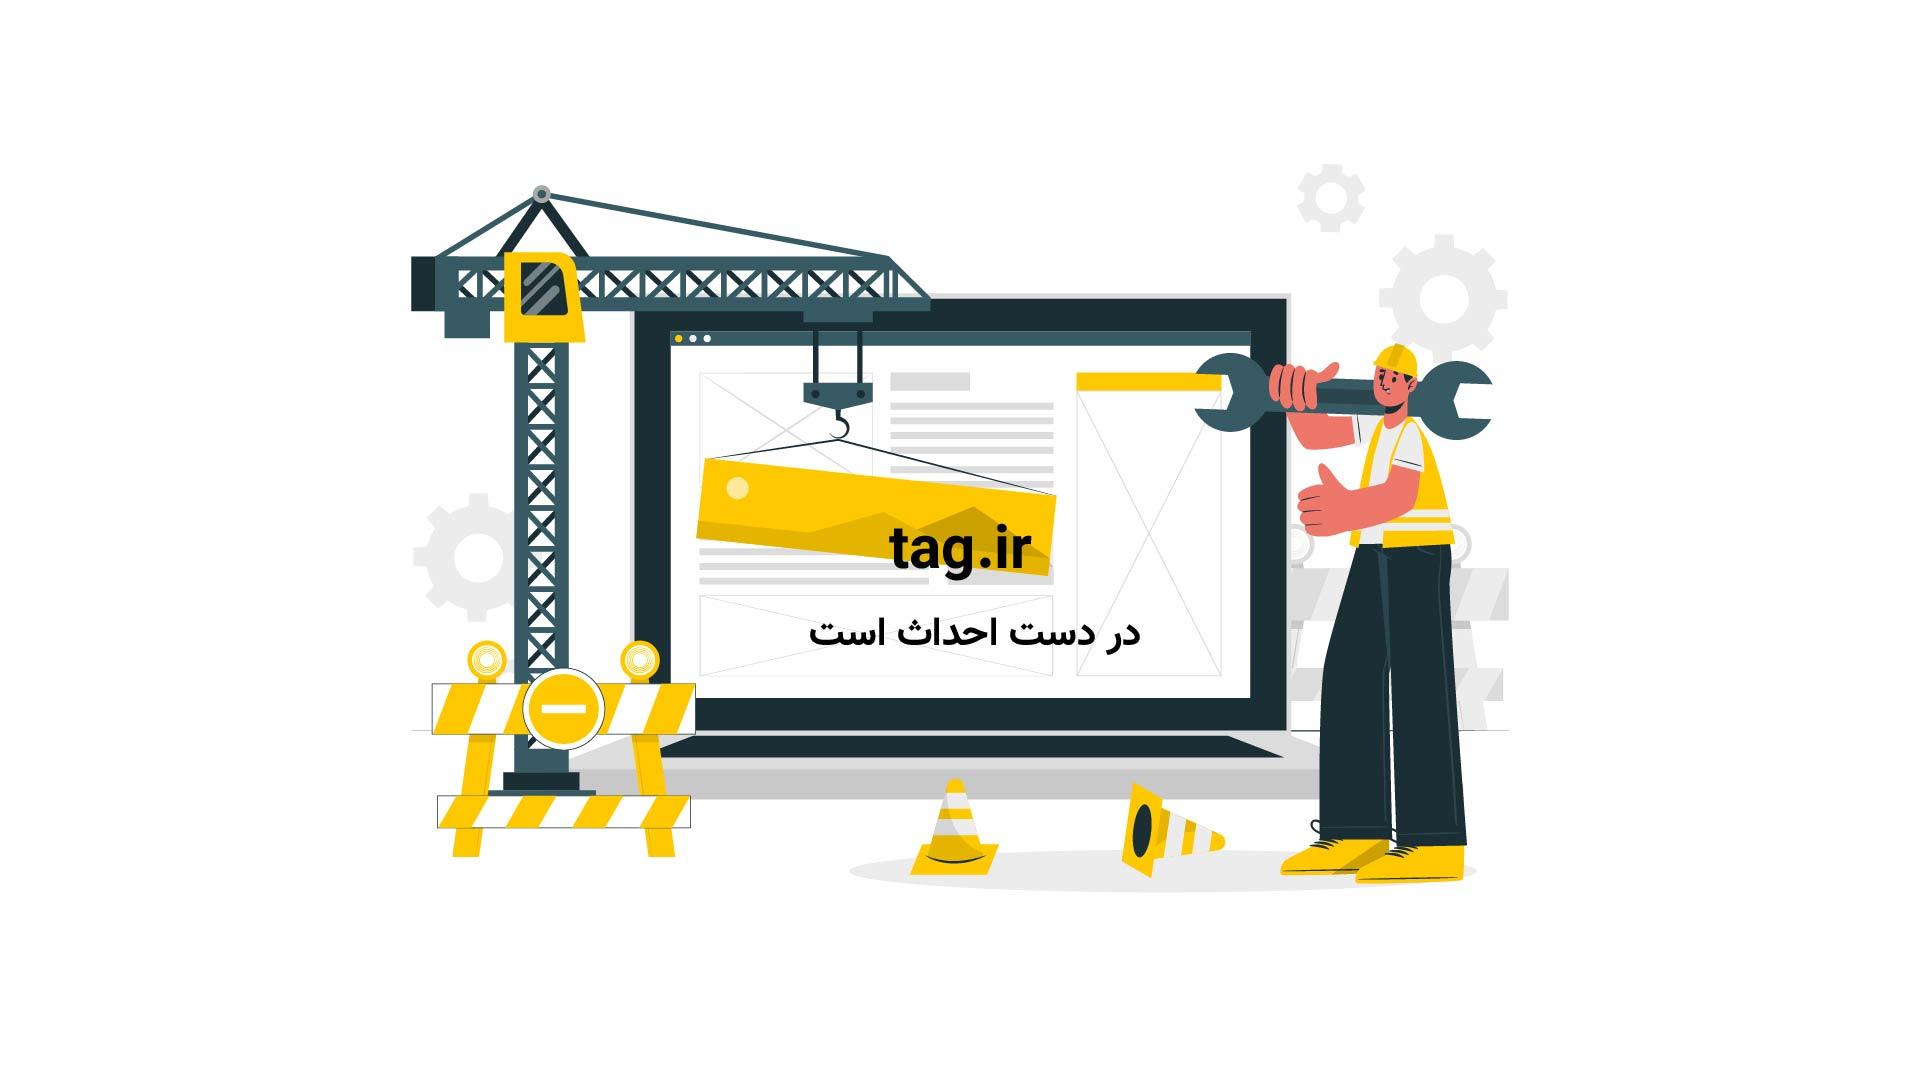 هدیه جالب ابوالحسن تهامی نژاد به موزه دورهمی   فیلم